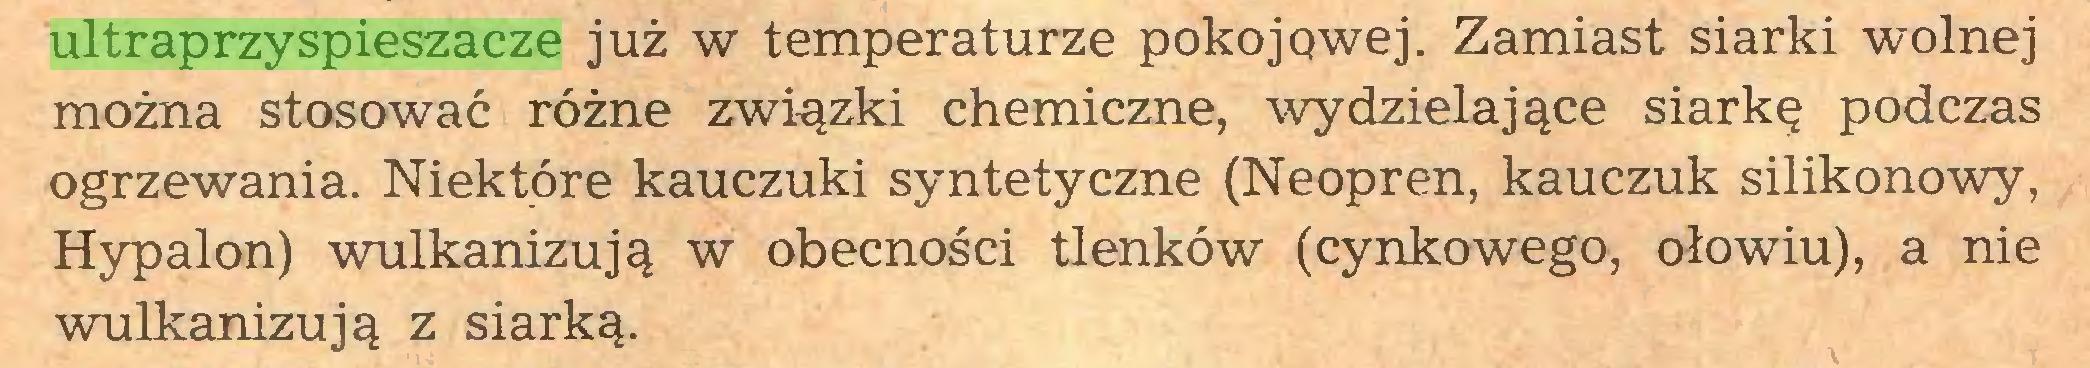 (...) ultraprzyspieszacze już w temperaturze pokojowej. Zamiast siarki wolnej można stosować różne związki chemiczne, wydzielające siarkę podczas ogrzewania. Niektóre kauczuki syntetyczne (Neopren, kauczuk silikonowy, Hypalon) wulkanizują w obecności tlenków (cynkowego, ołowiu), a nie wulkanizują z siarką...